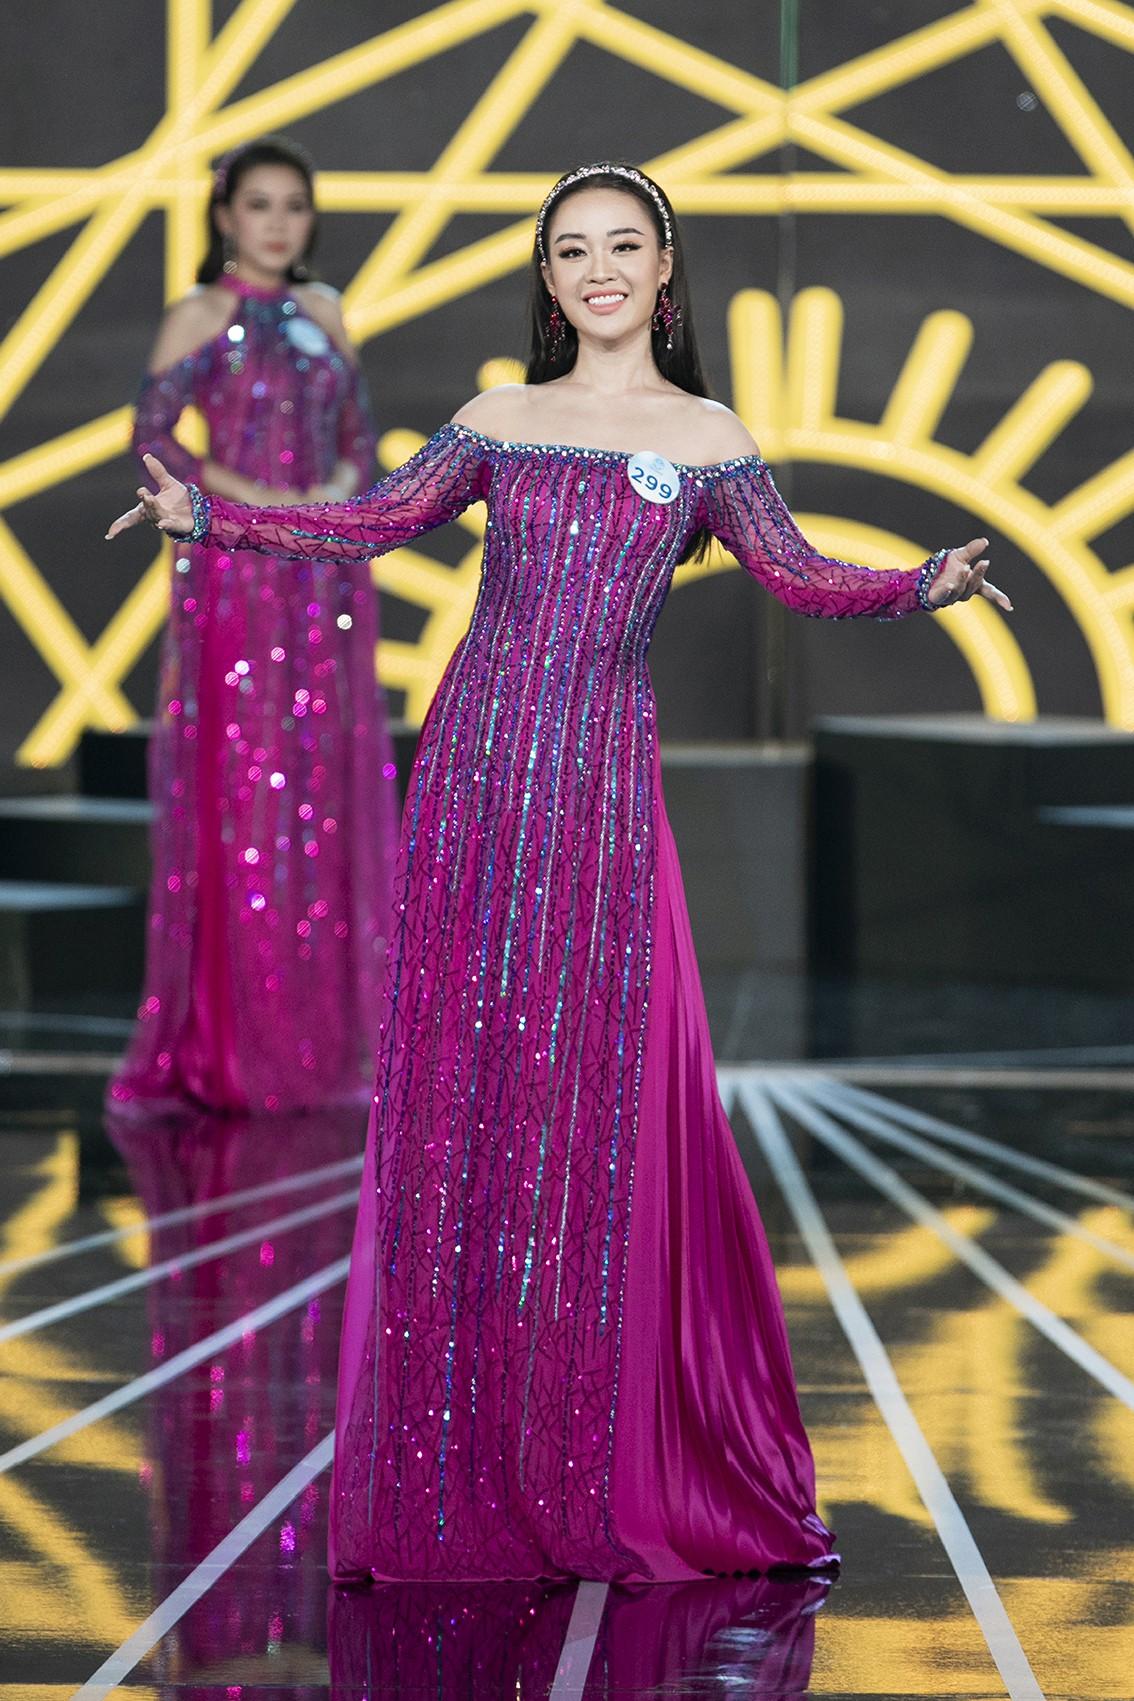 """8 lần đi thi nhan sắc, thí sinh Miss World Việt Nam tự tin tuyên bố: """"Tôi không bao giờ bỏ cuộc - Ảnh 2."""